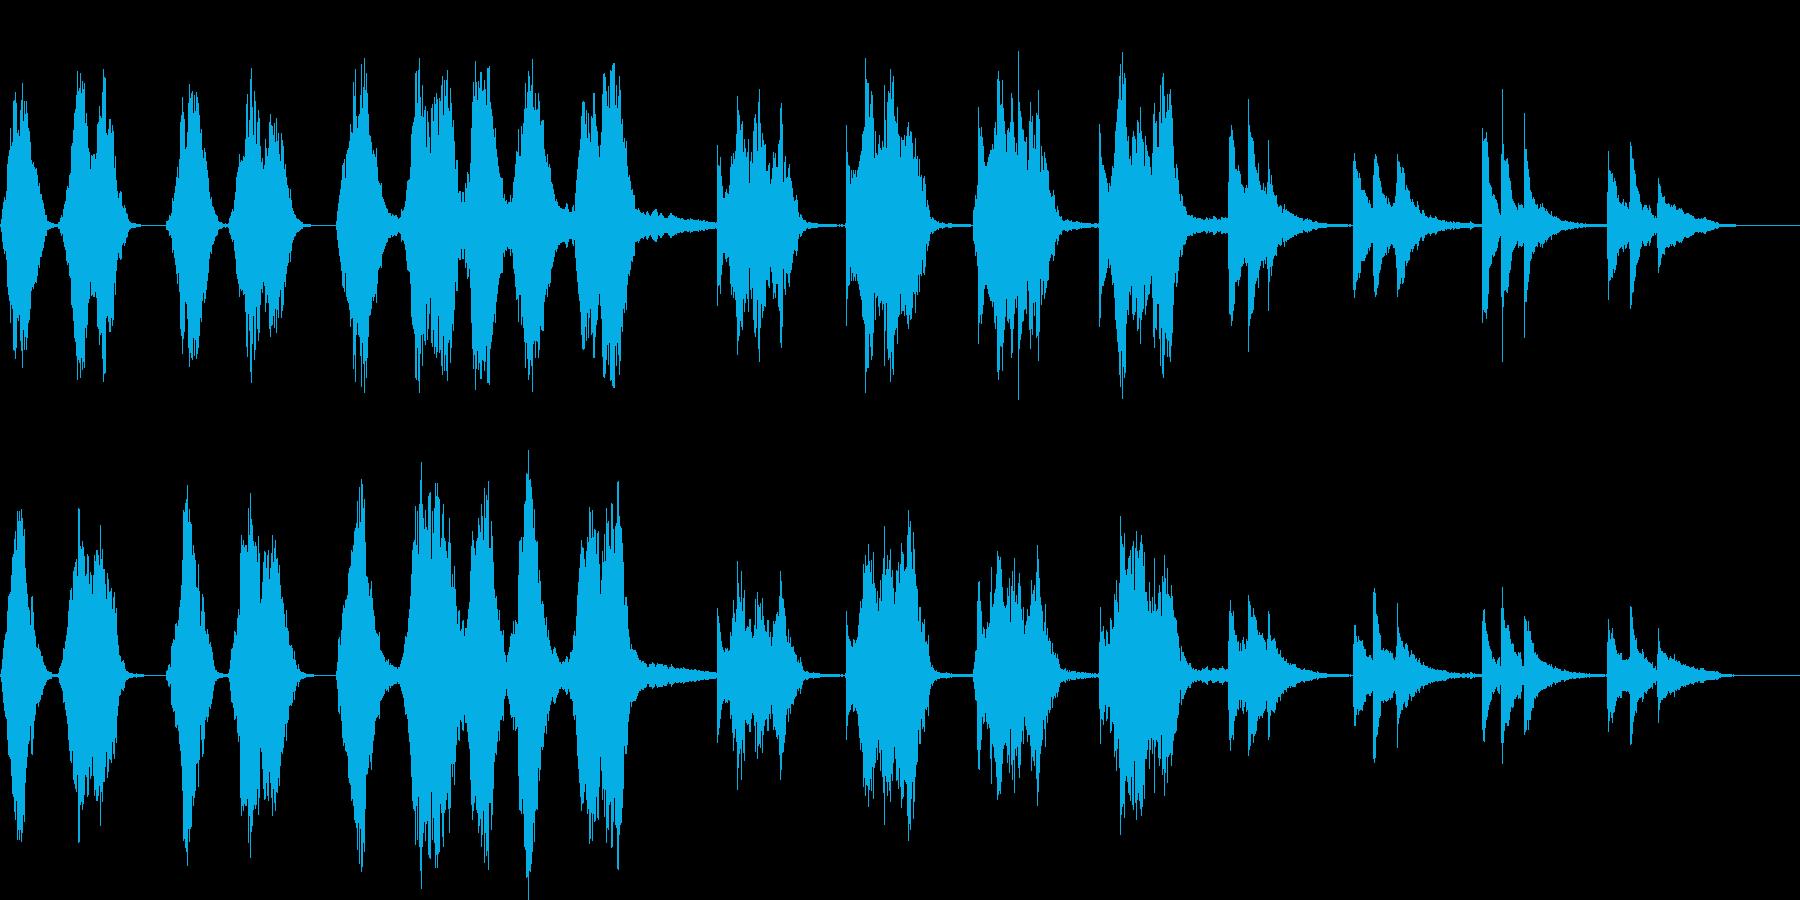 ストリングスとピアノの余韻ある楽曲の再生済みの波形